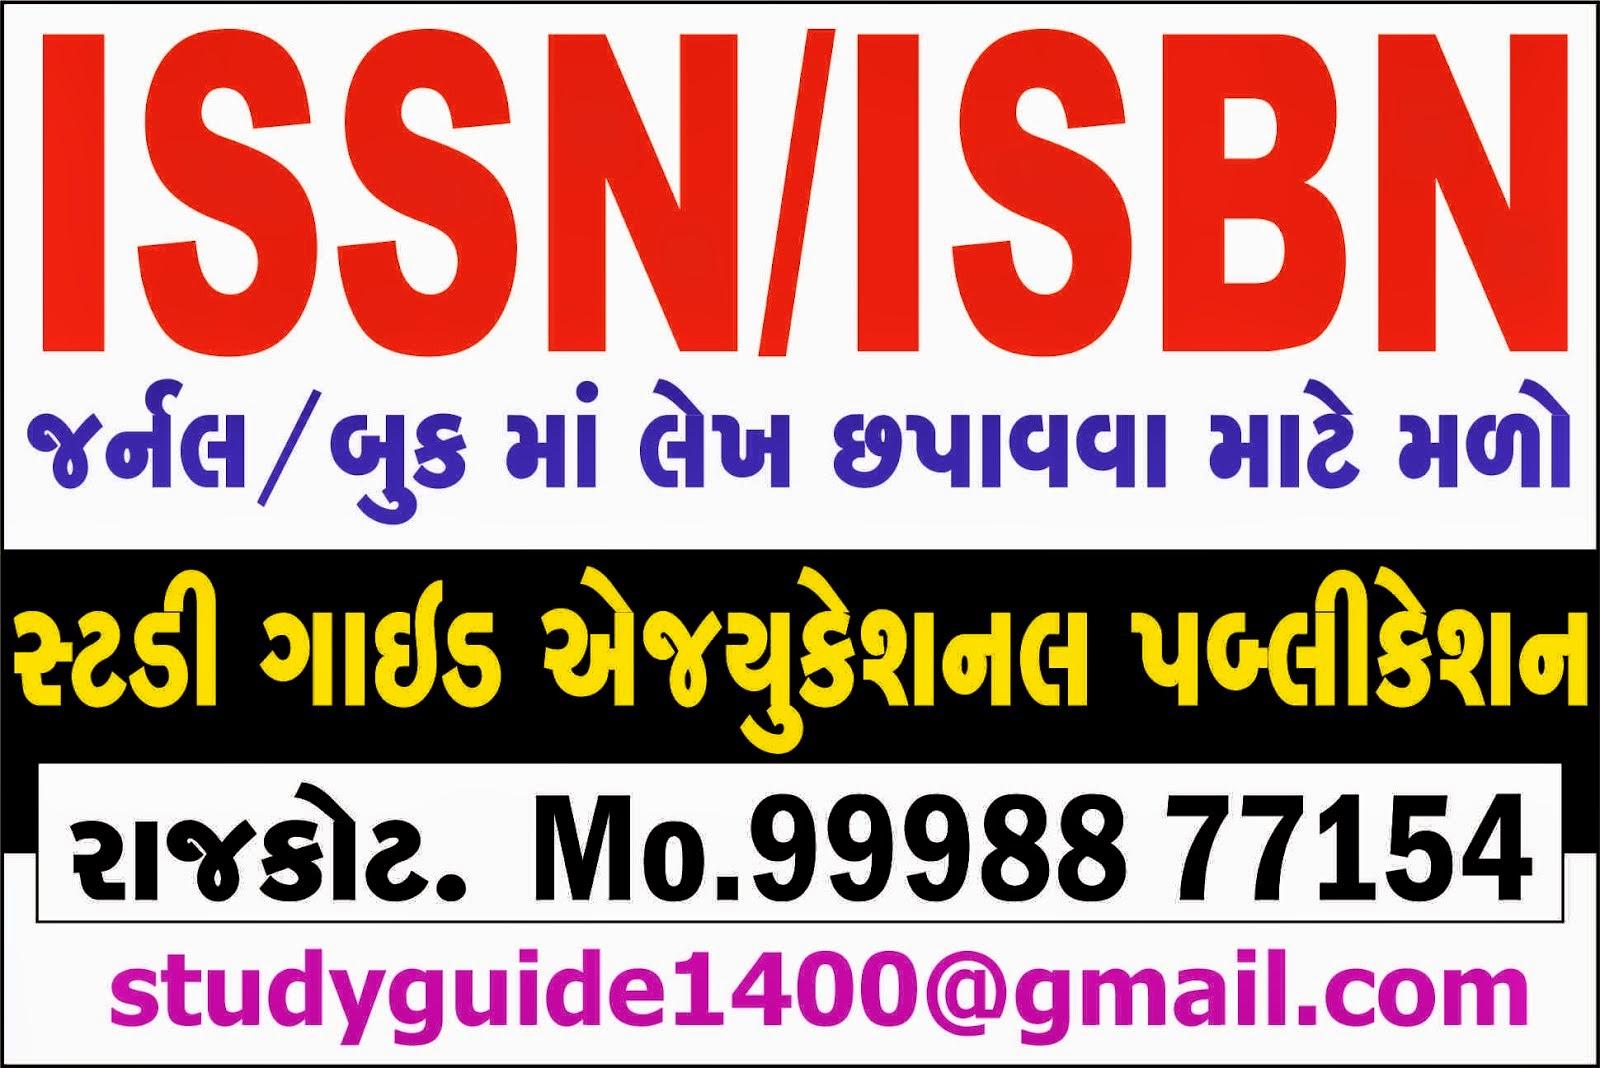 ISSN/ISBN